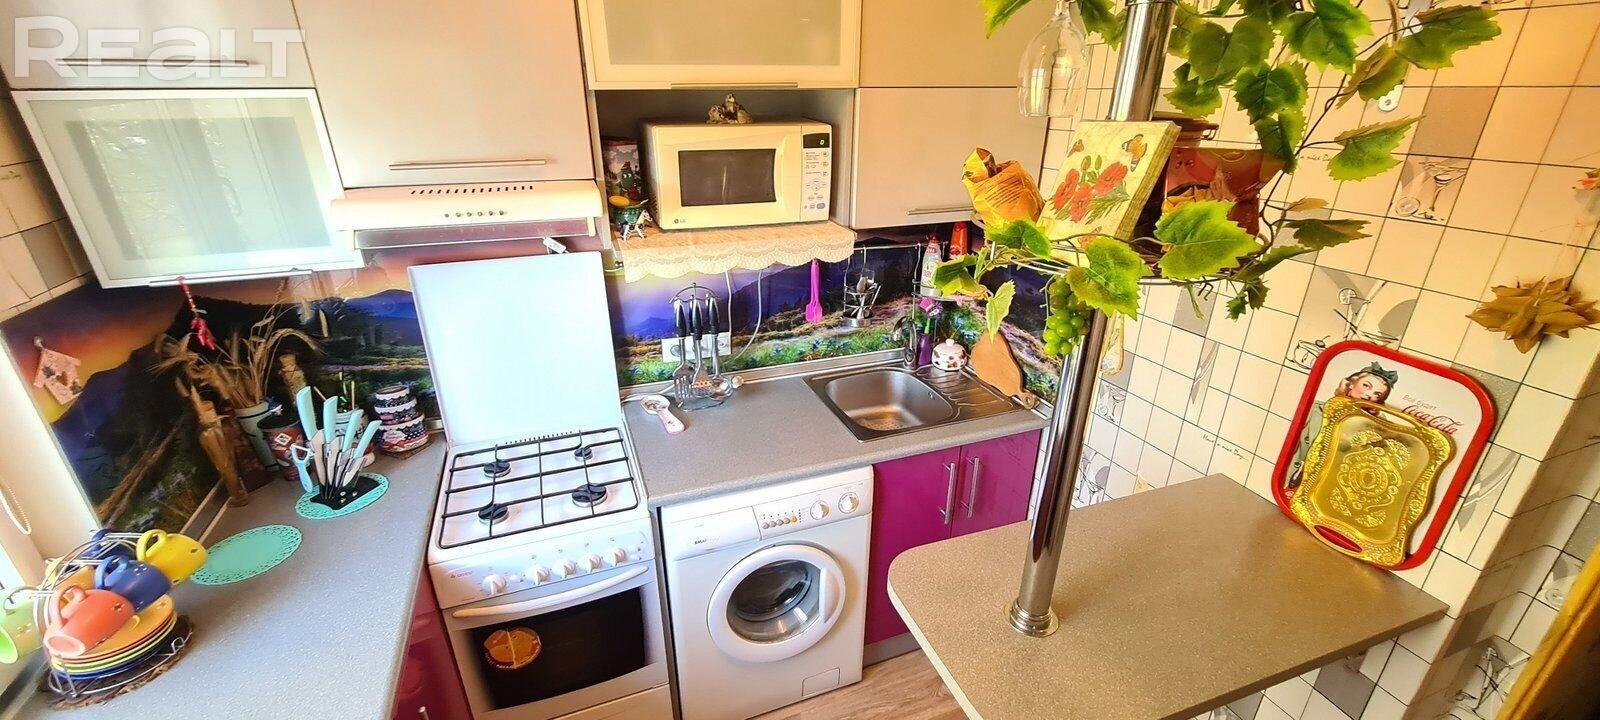 Продажа 2-х комнатной квартиры в г. Минске, ул. Калиновского, дом 19 (р-н Седых, Тикоцкого). Цена 137 929 руб